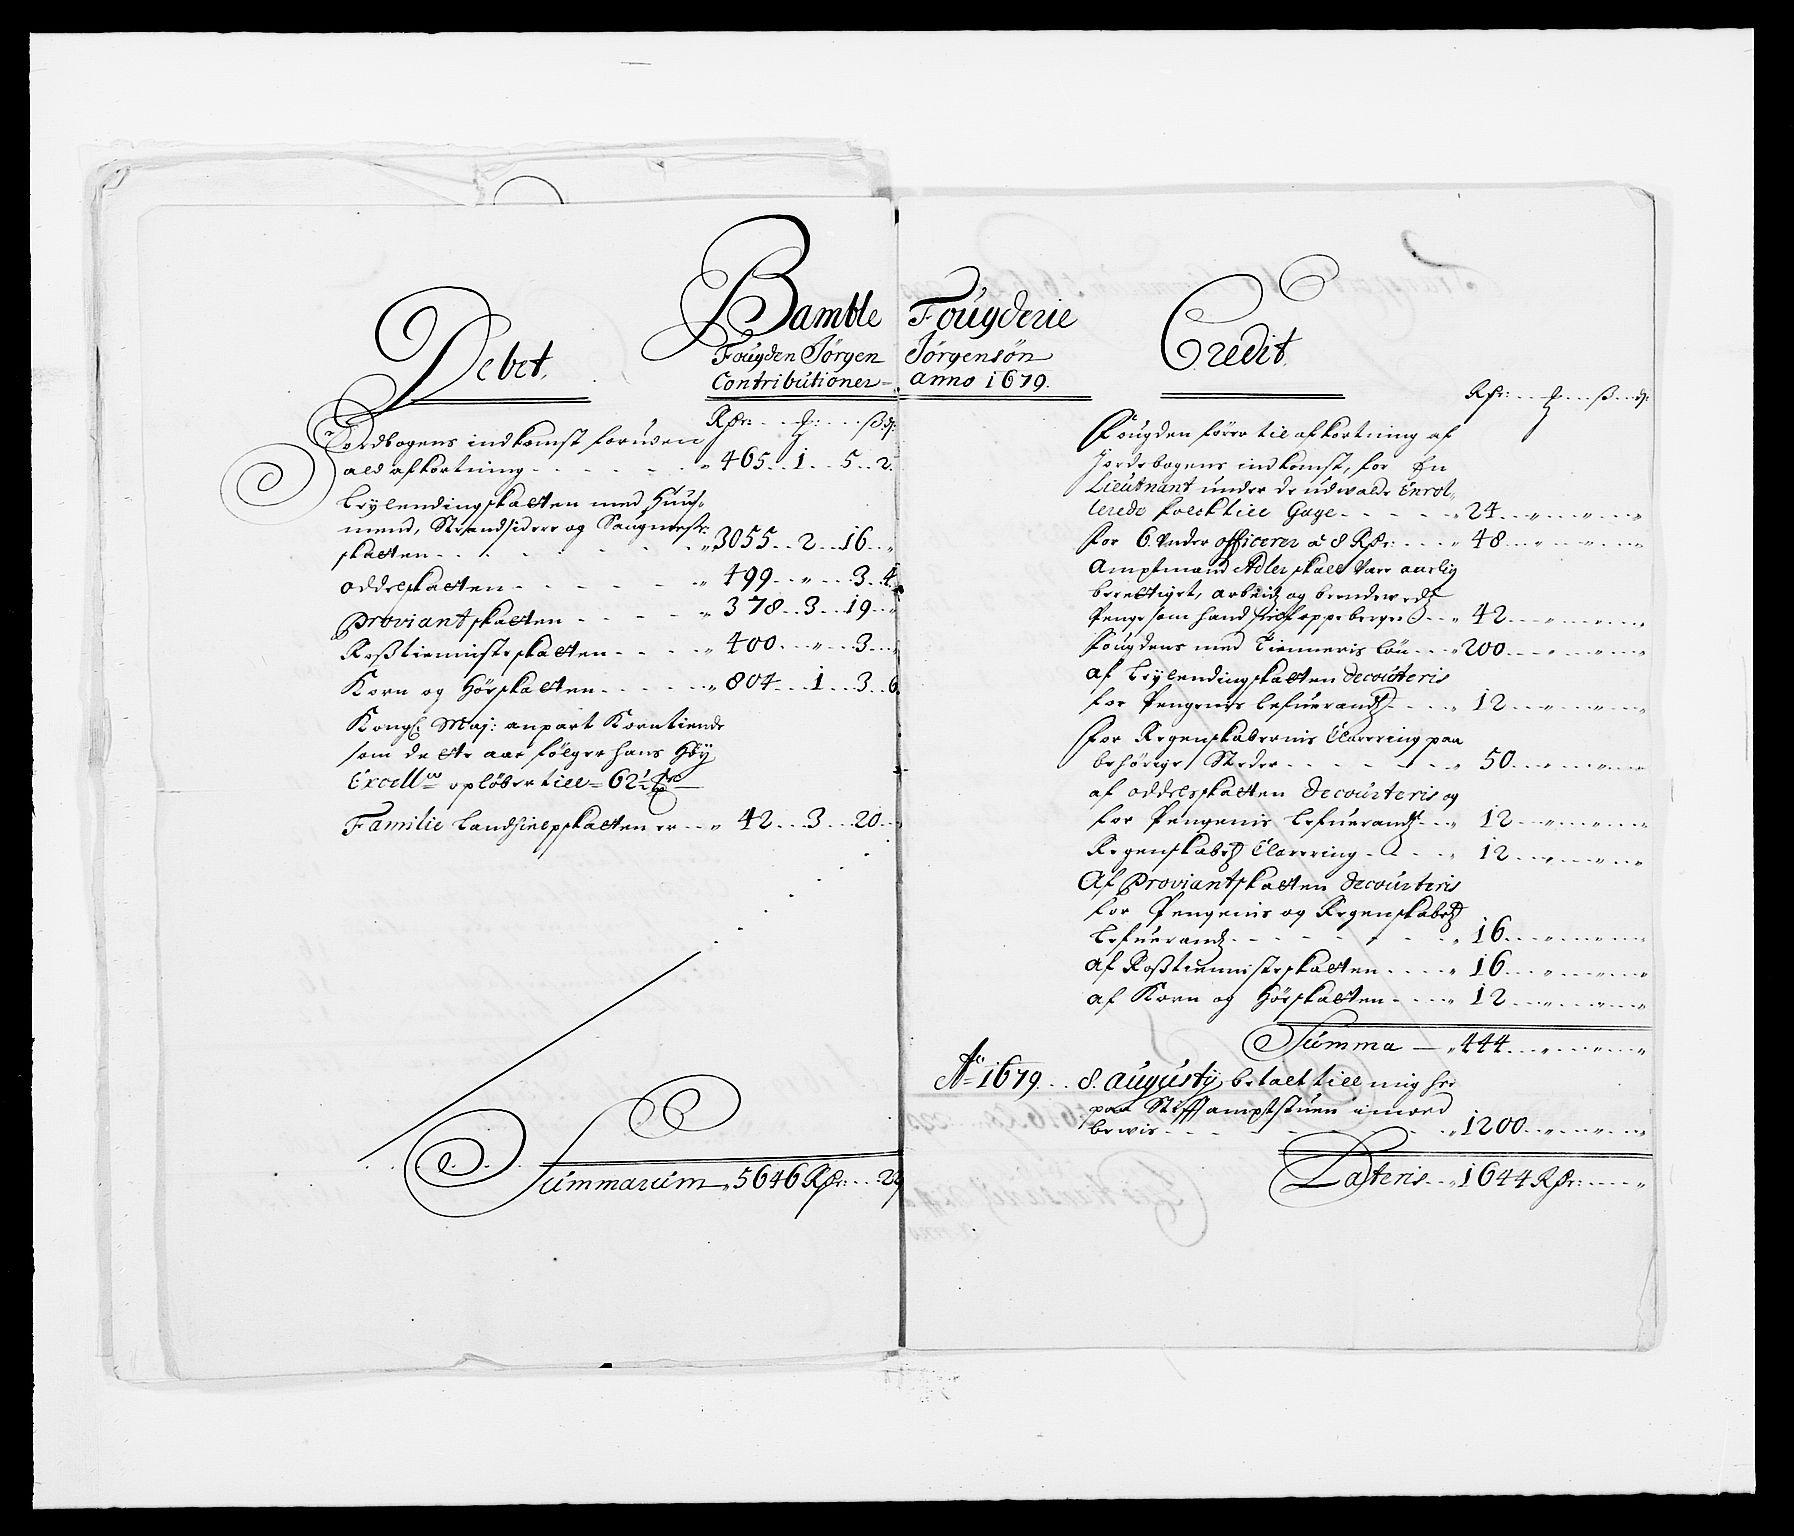 RA, Rentekammeret inntil 1814, Reviderte regnskaper, Fogderegnskap, R34/L2044: Fogderegnskap Bamble, 1678-1679, s. 437